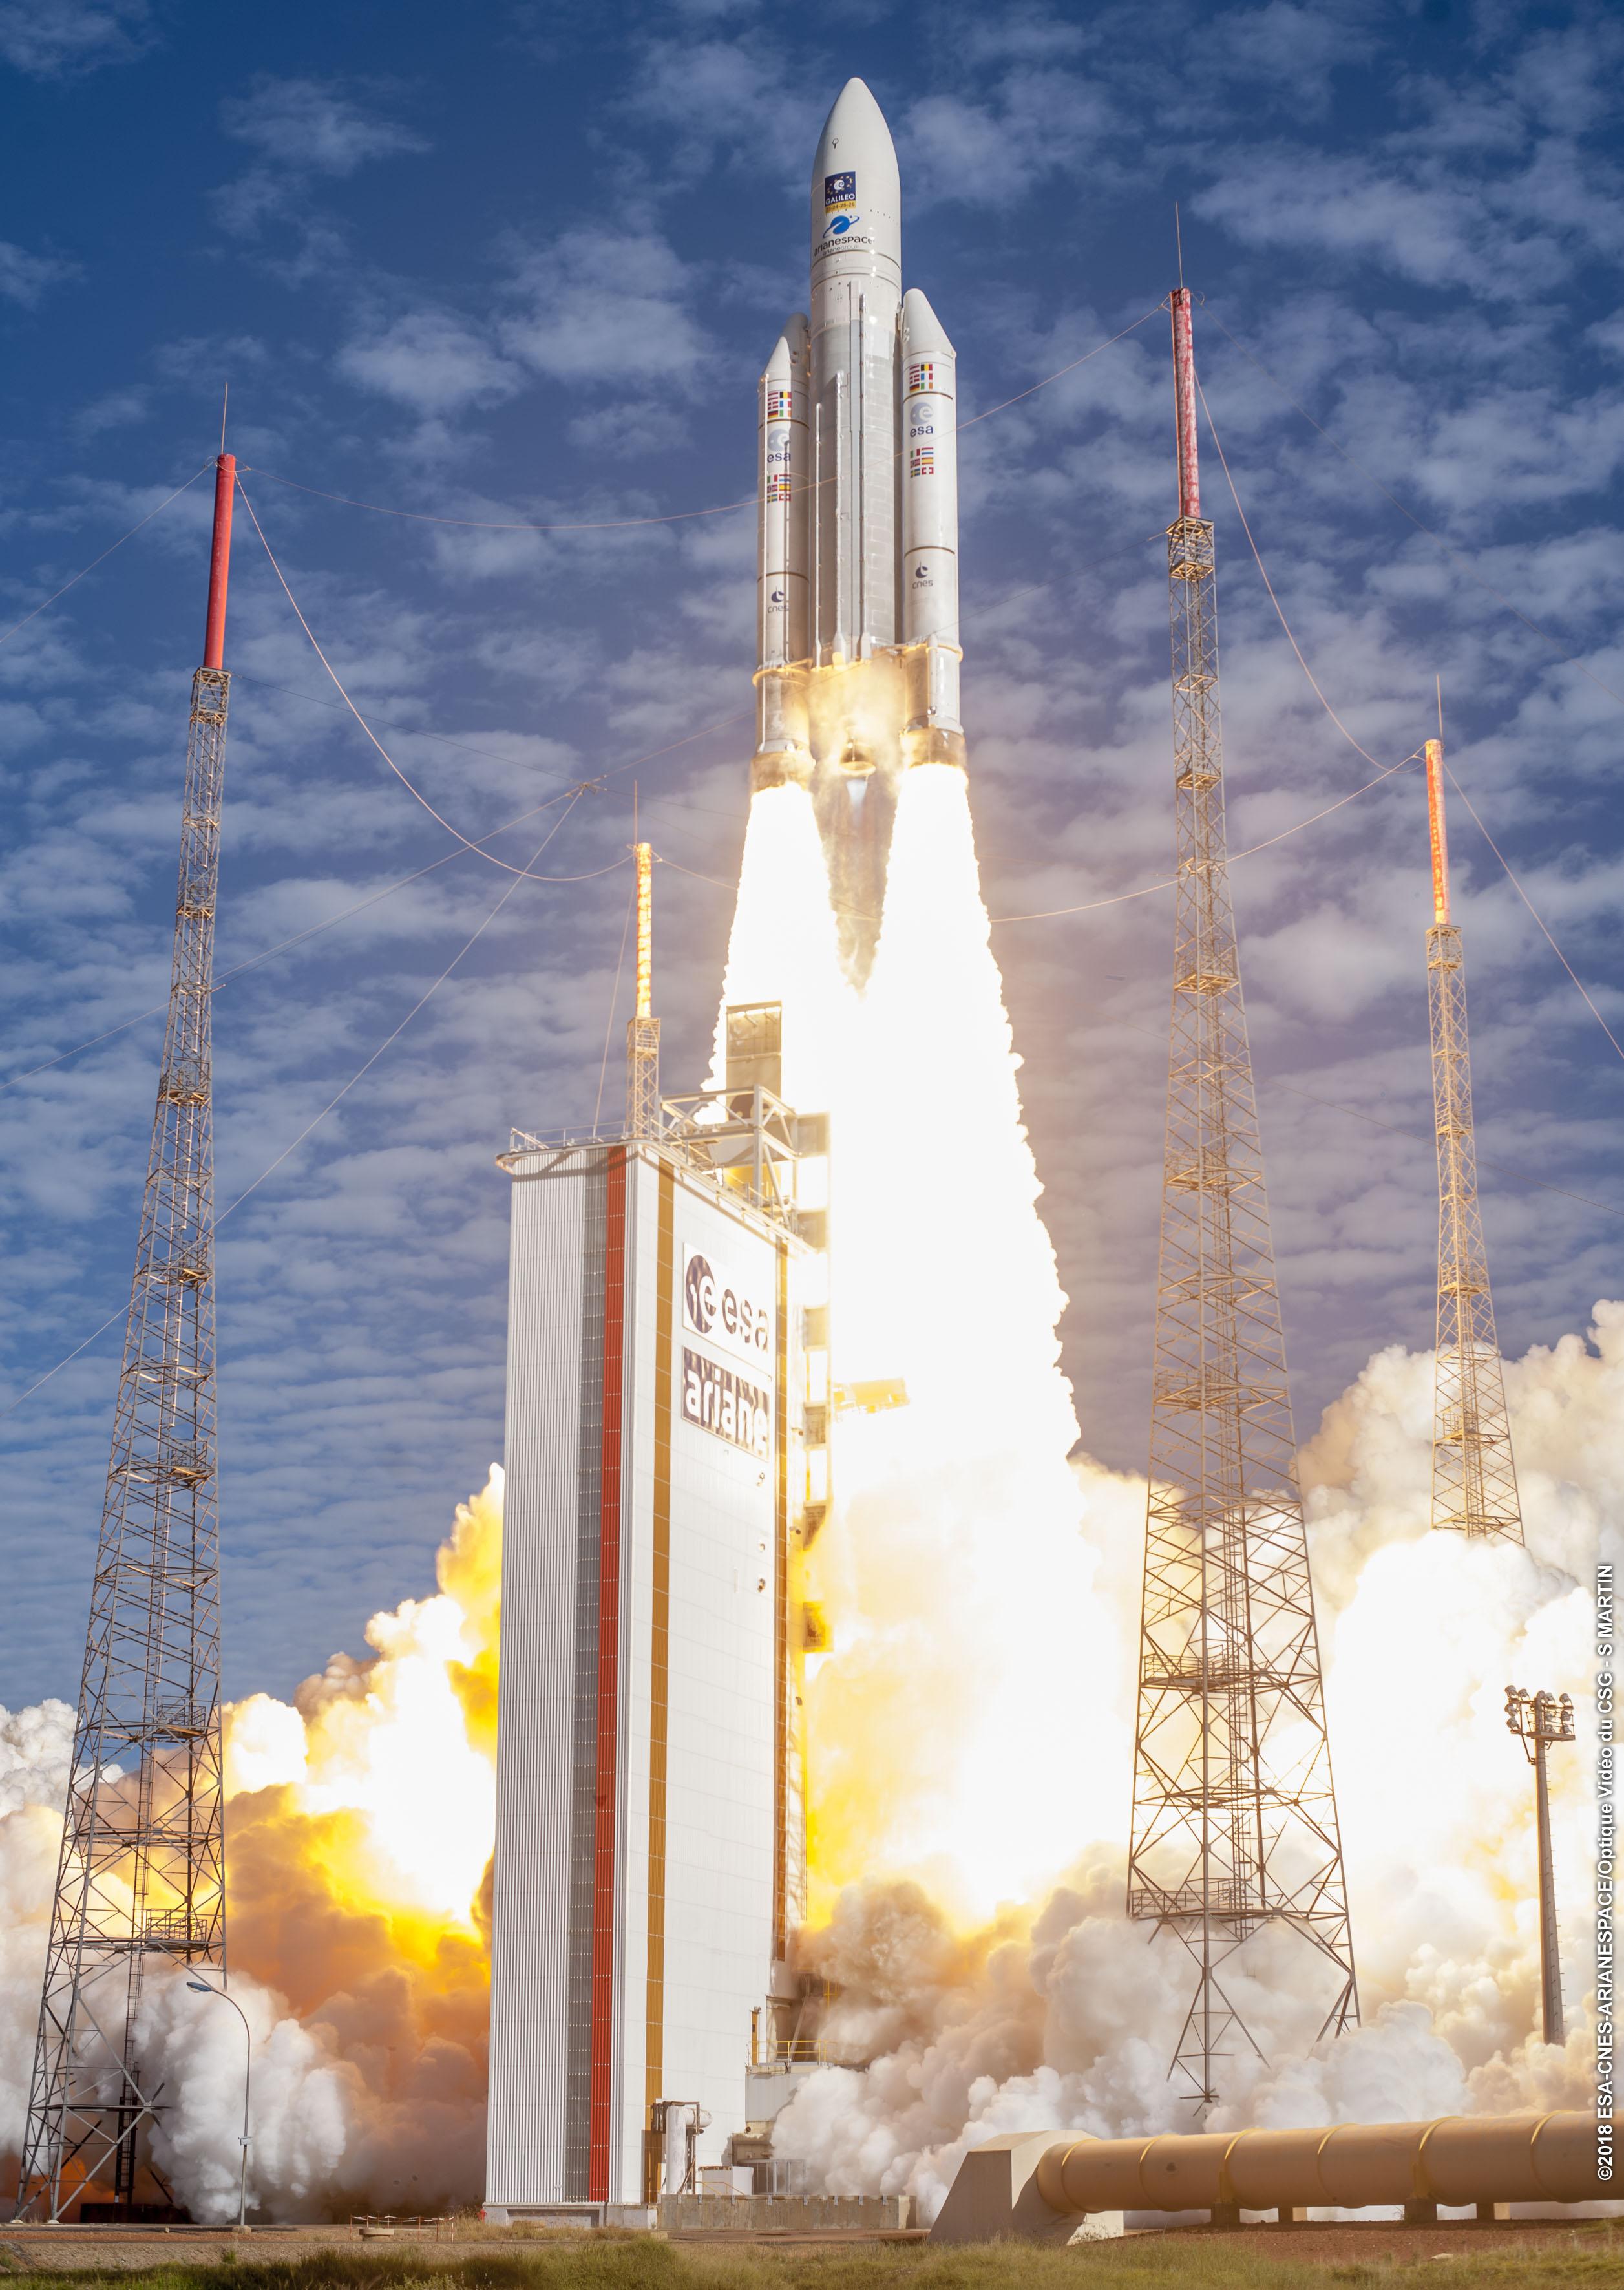 100 Start Der Europaischen Rakete Ariane 5 Ruag Space